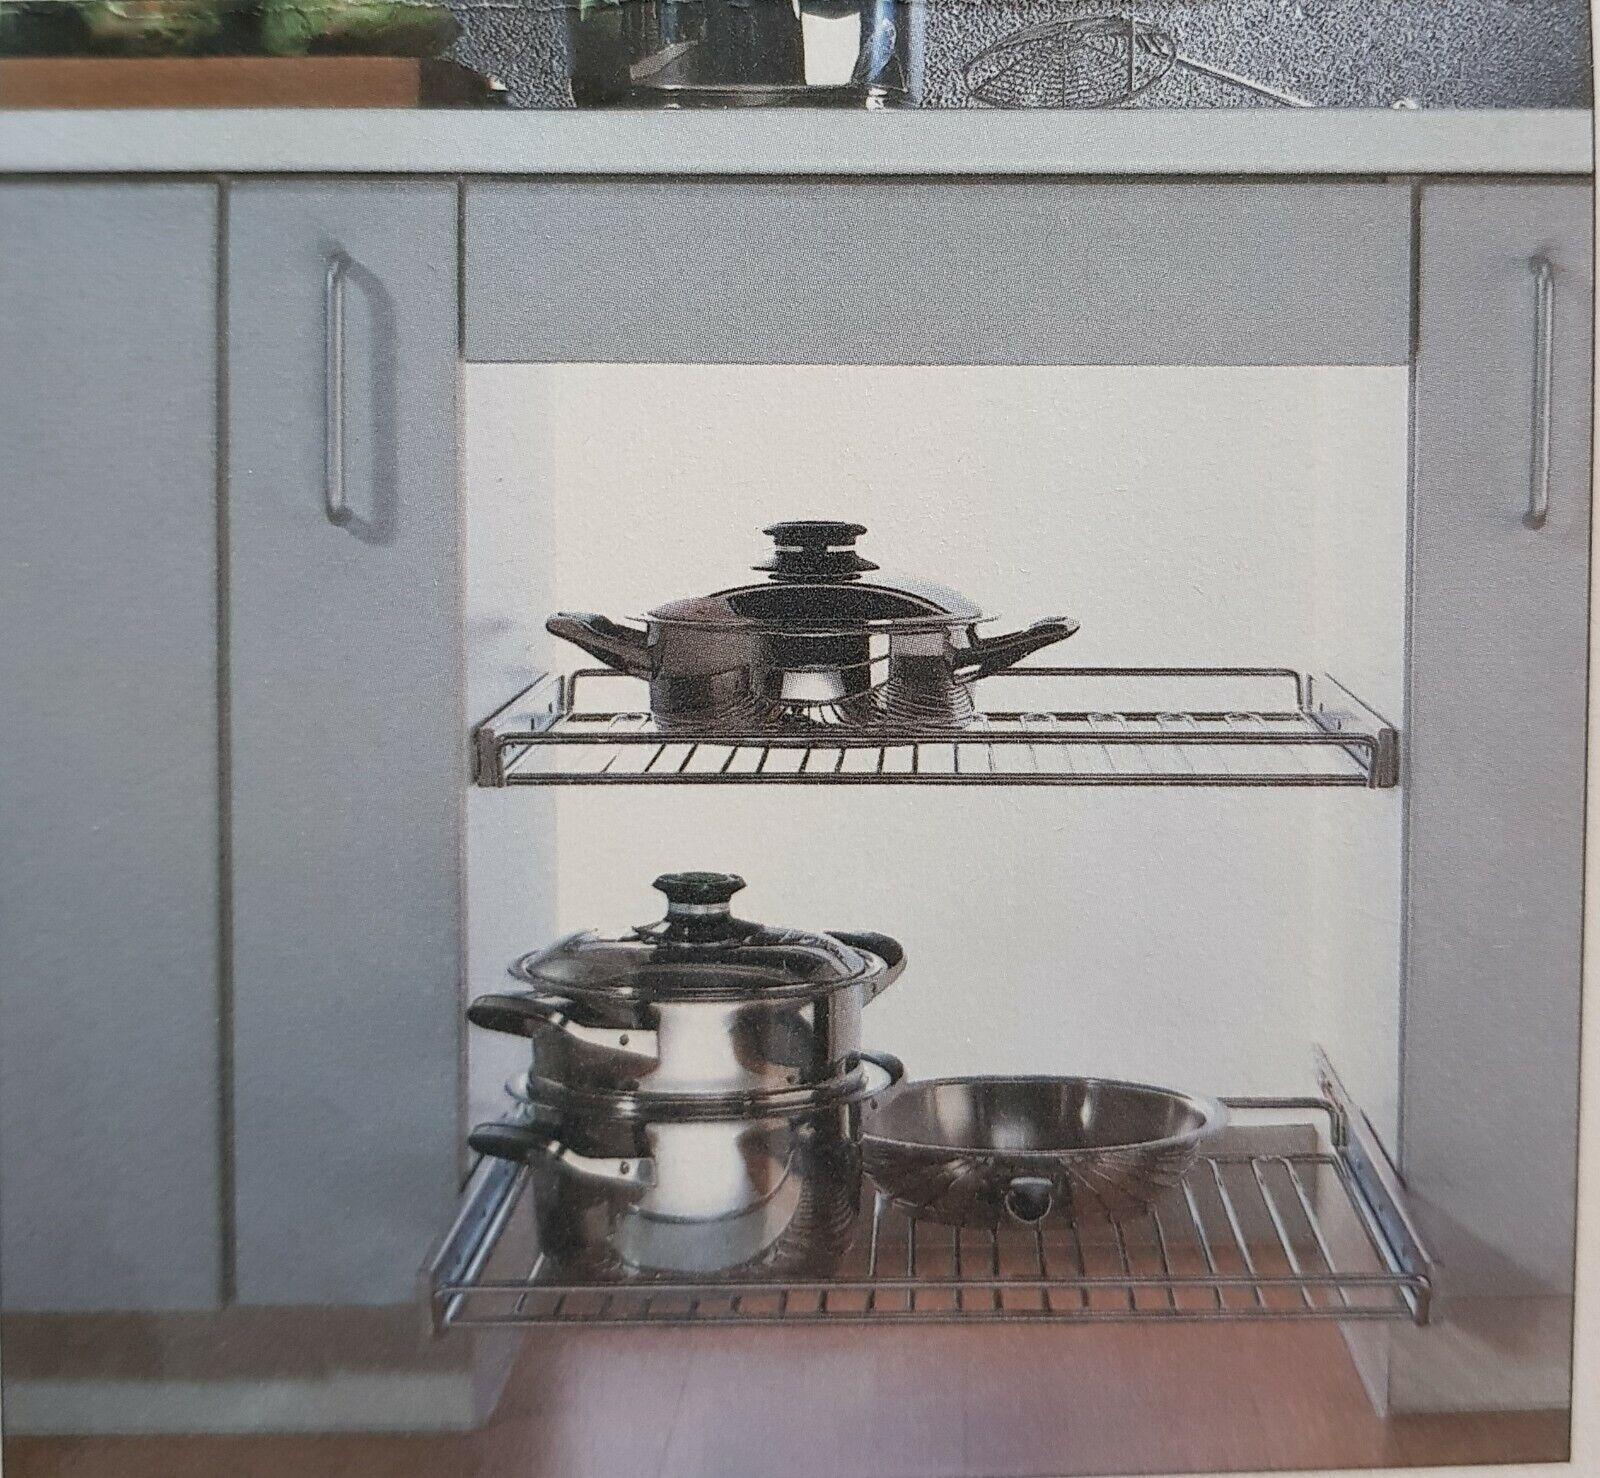 Herdauszugsrost 90er Einbauraster 900 x 533 mm für Unterschränke Küche